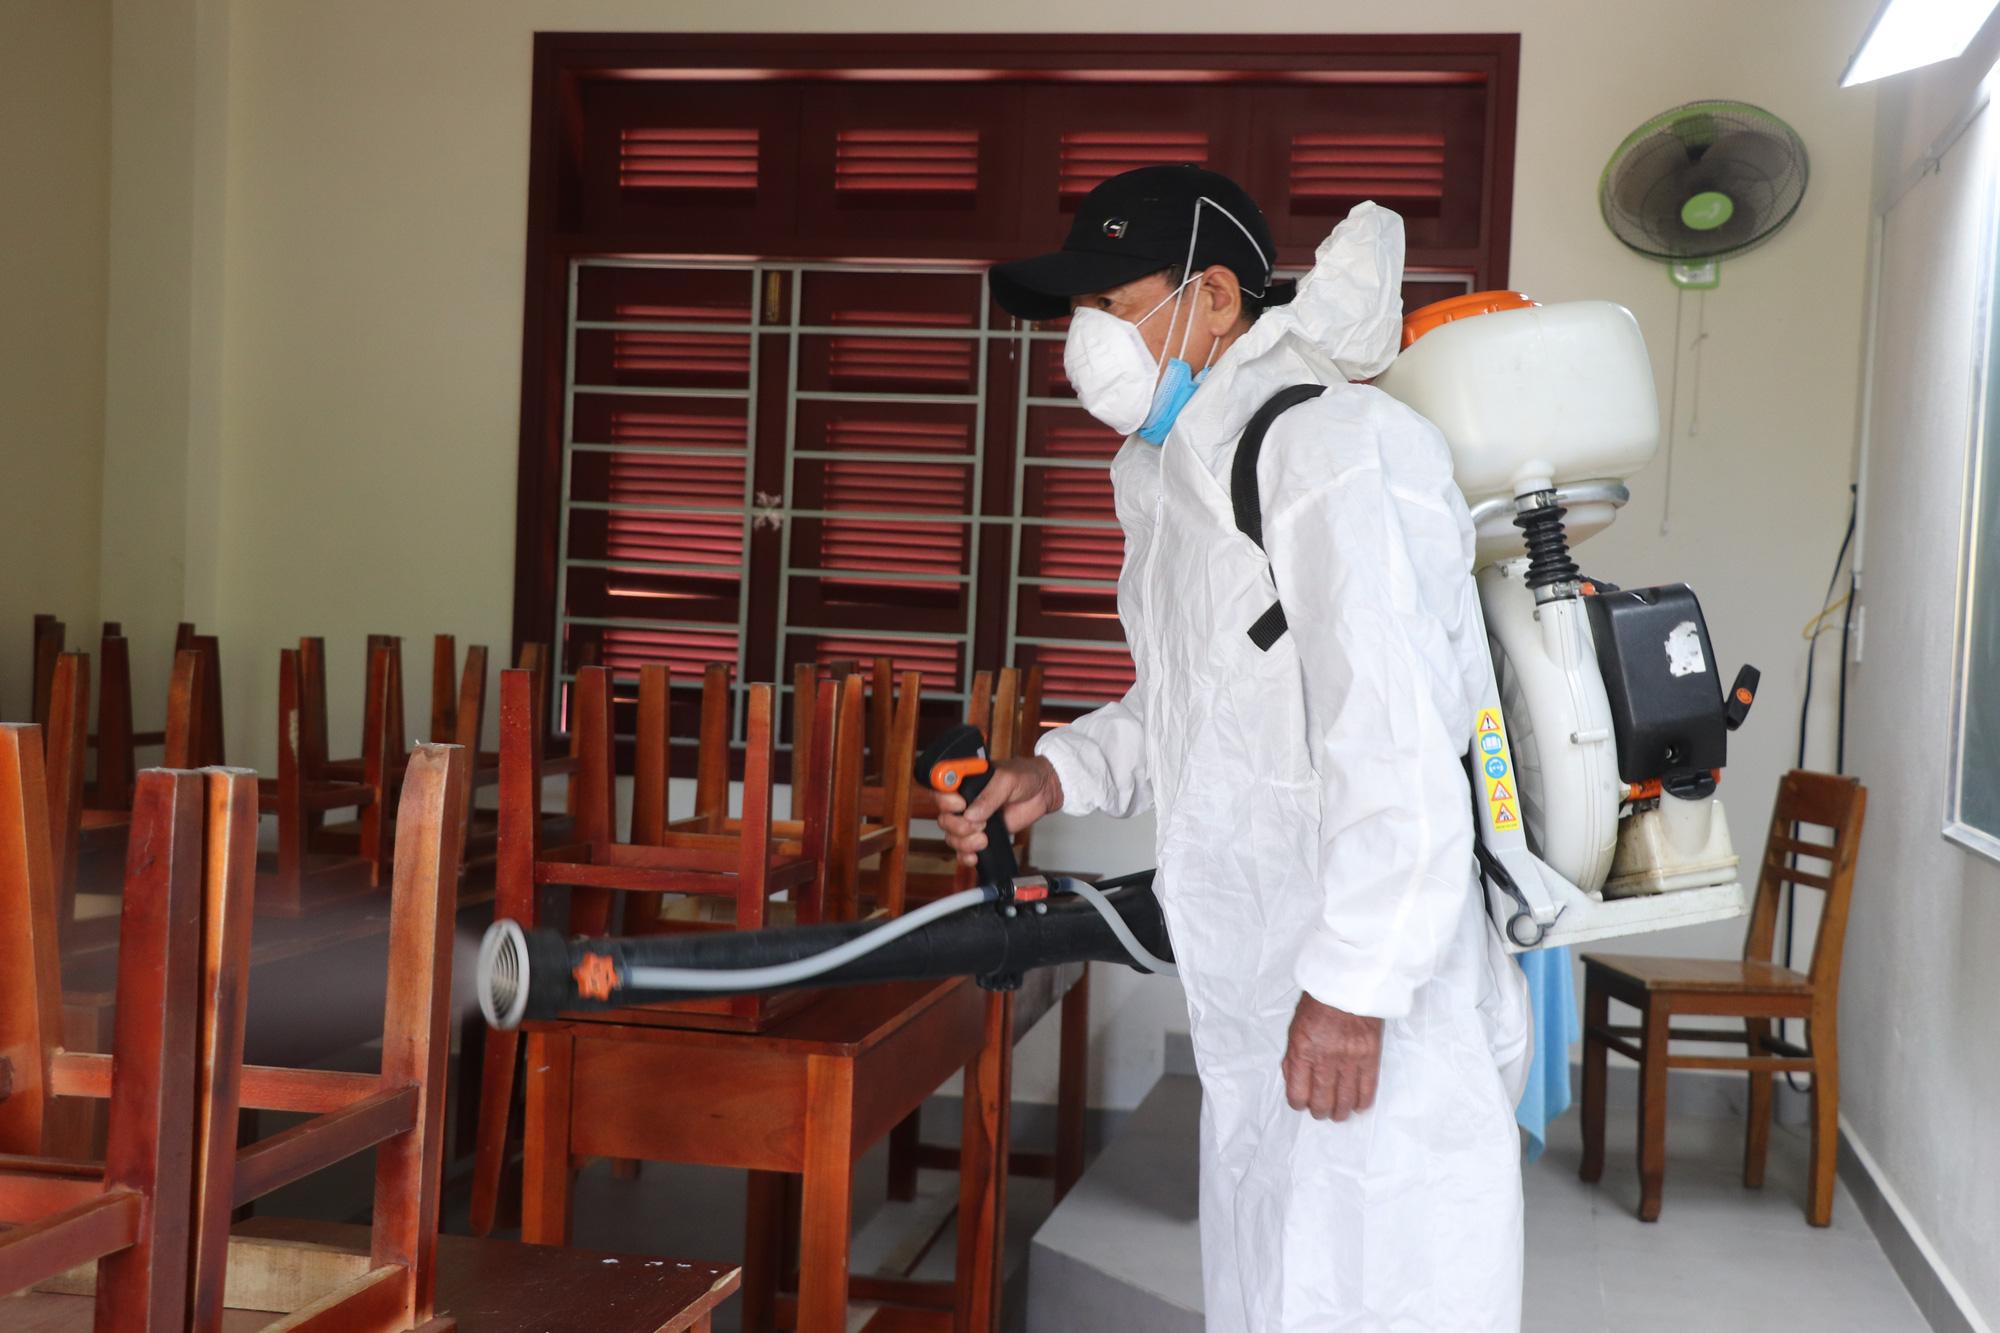 Quảng Nam: Ngày đầu đi học lại, trường khẩn trương khử trùng, học sinh được đo thân nhiệt trước khi vào lớp - Ảnh 4.